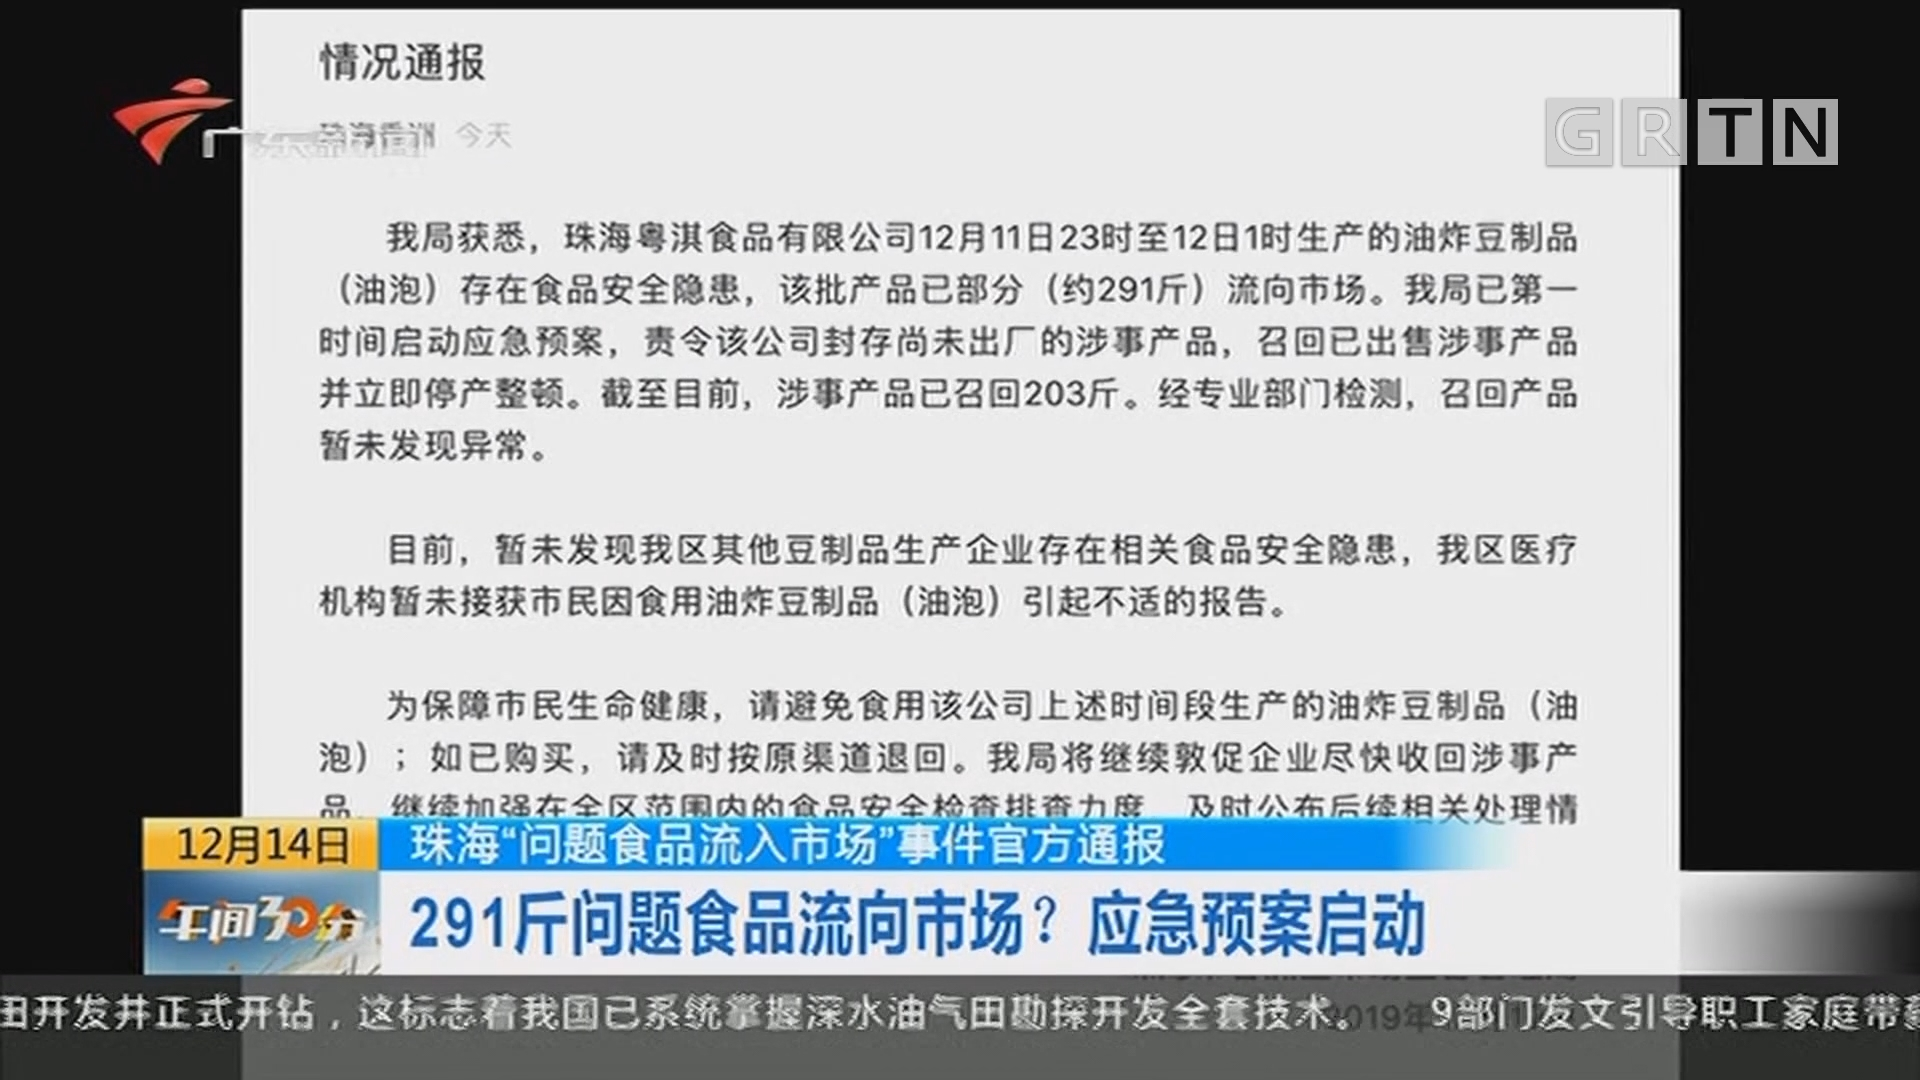 """珠海""""问题食品流入市场""""事件官方通报:291斤问题食品流向市场?应急预案启动"""